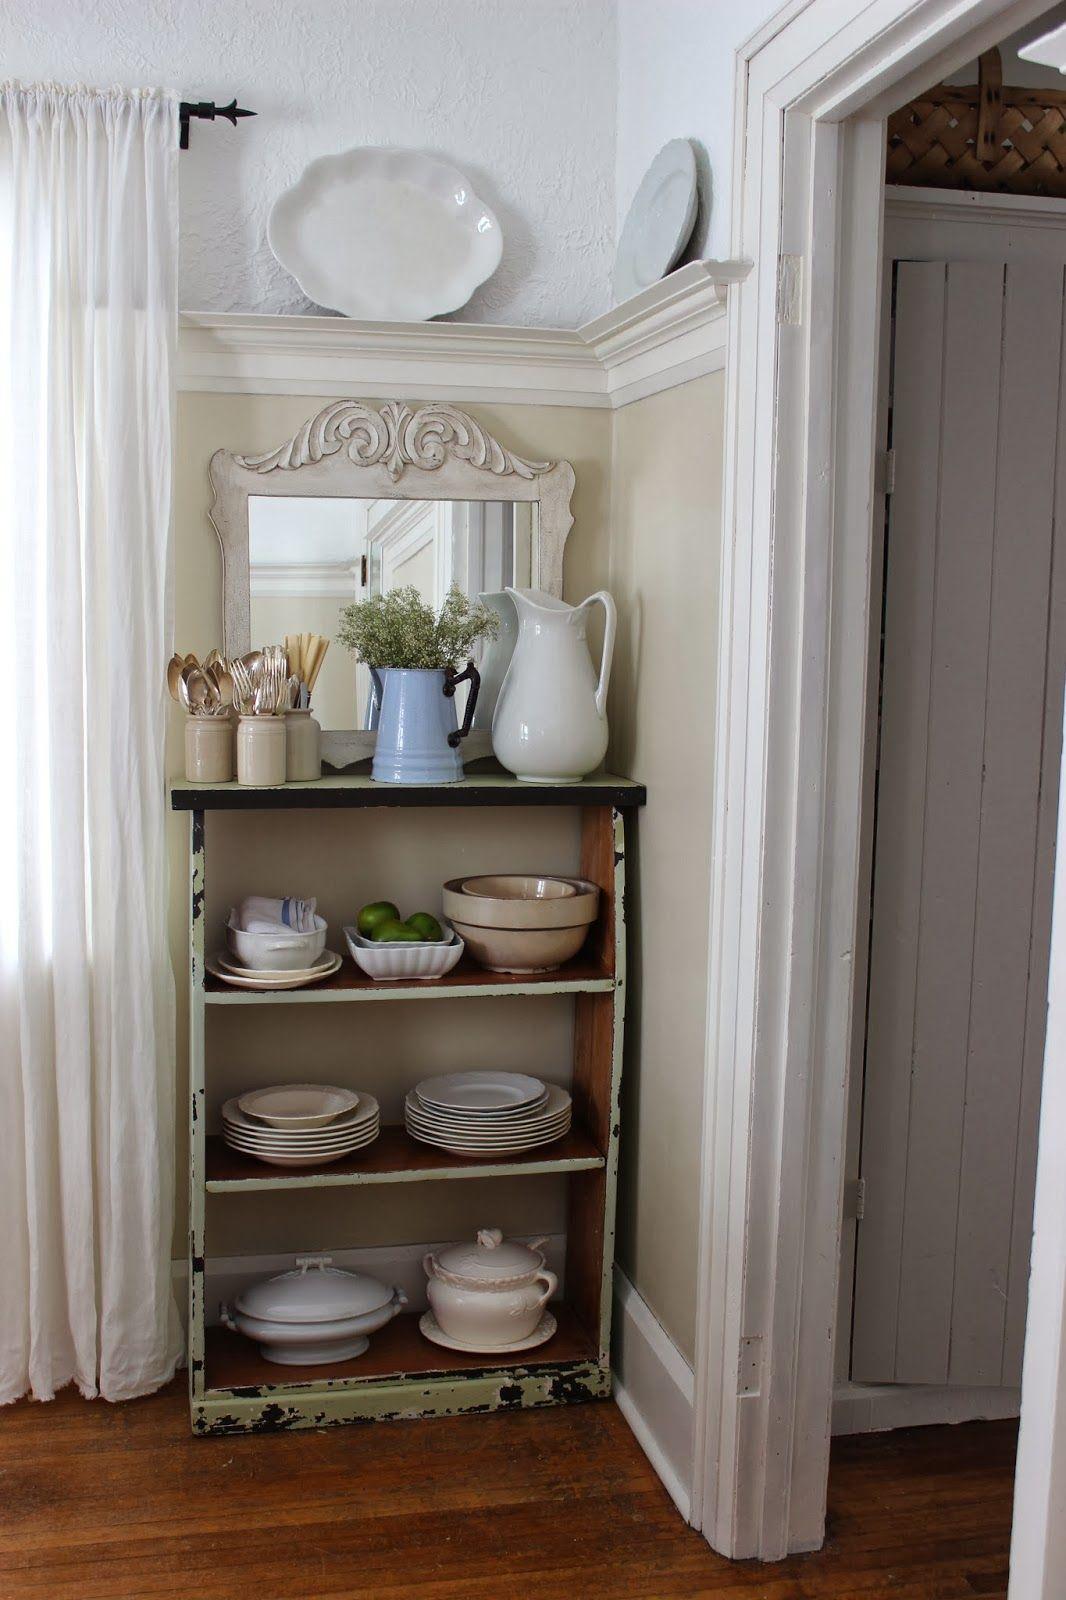 Chair Rail Kitchen Part - 50: Rustic Farmhouse - Love The Chair Rail.